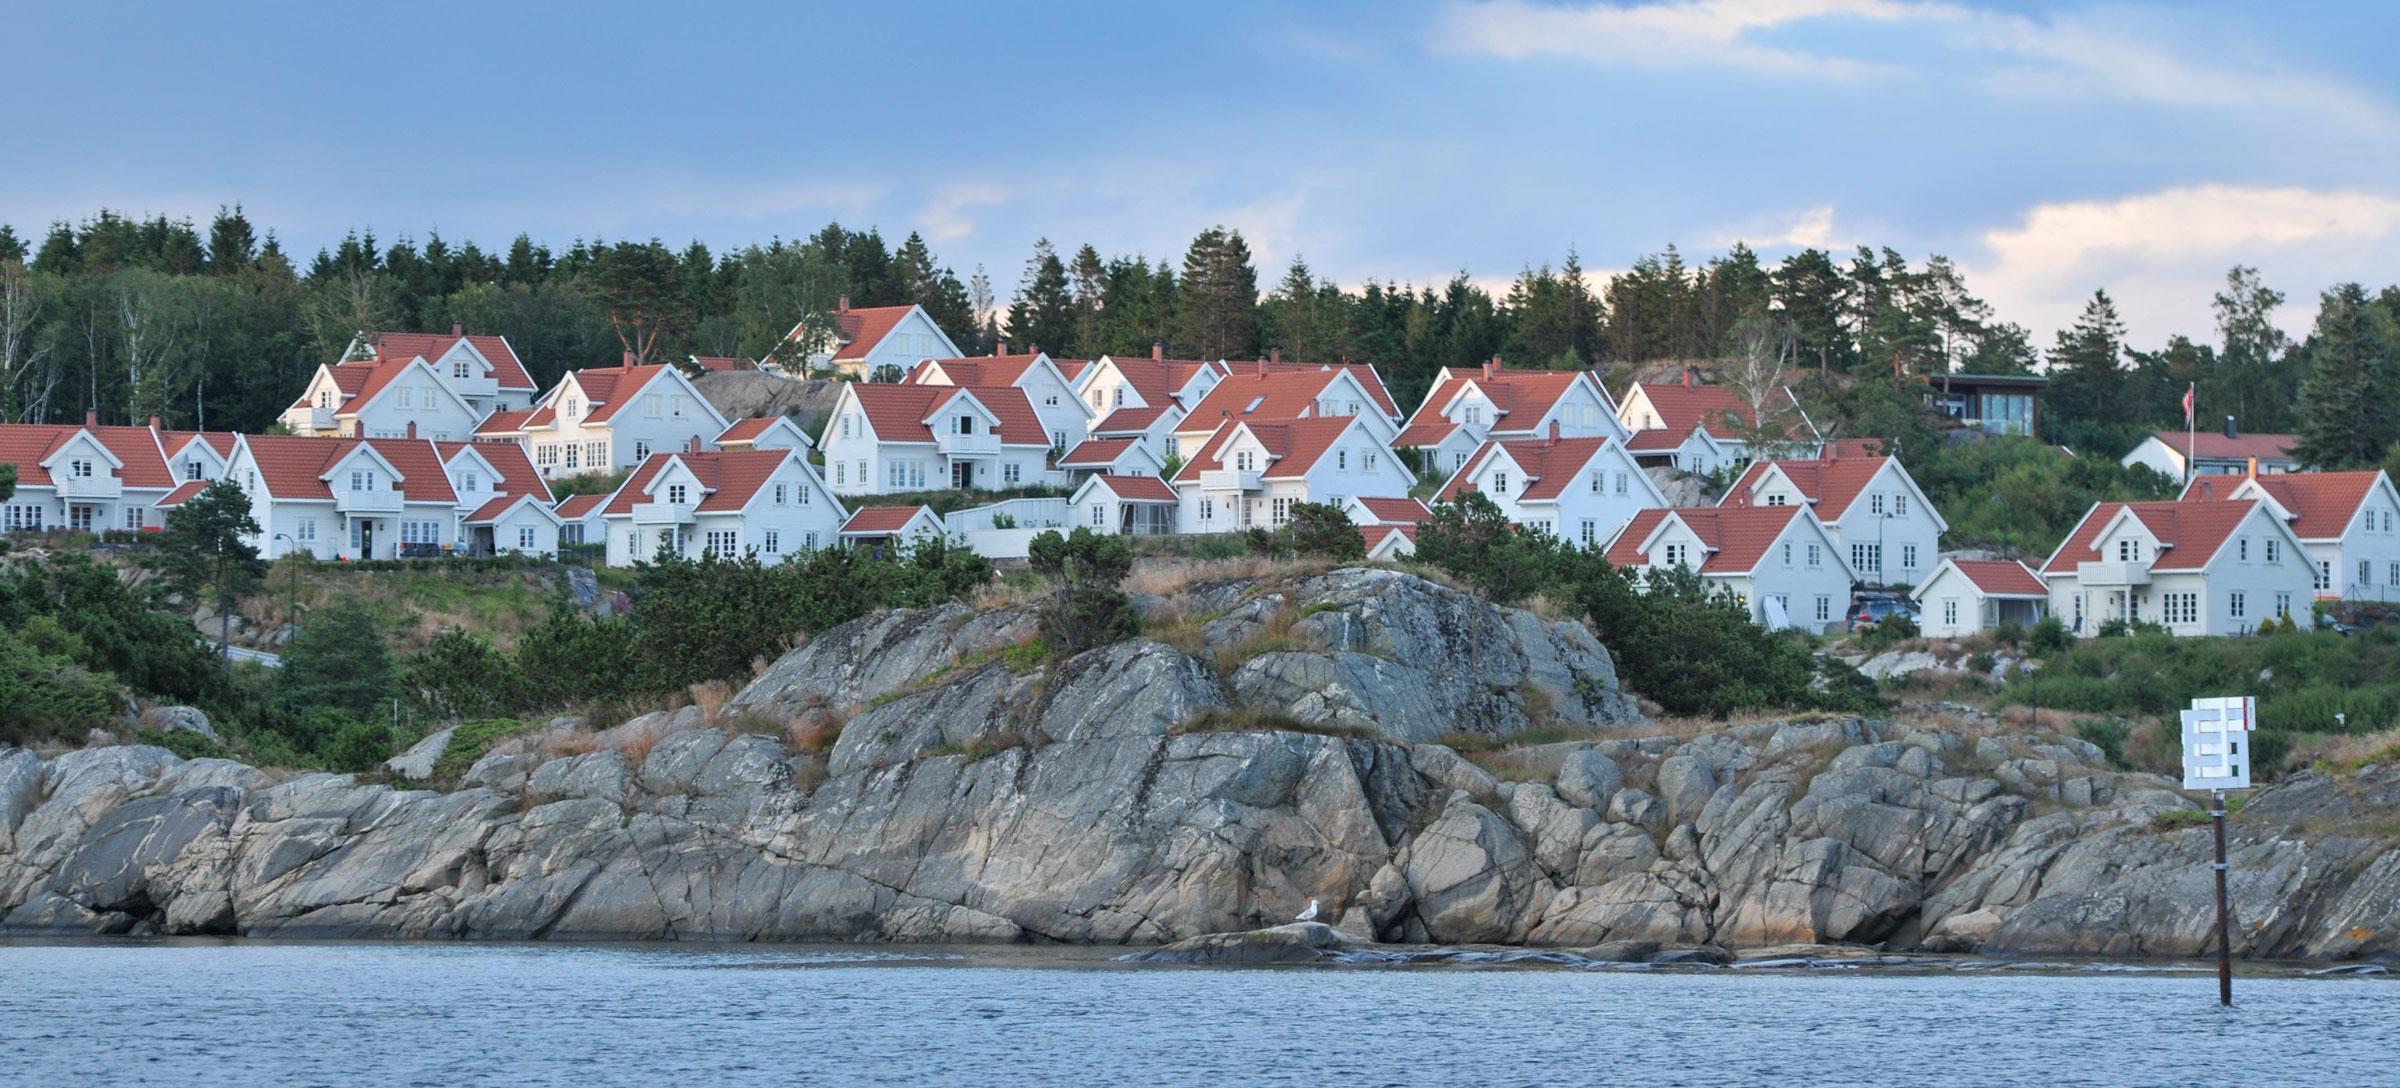 Hytter Kristiansand øst